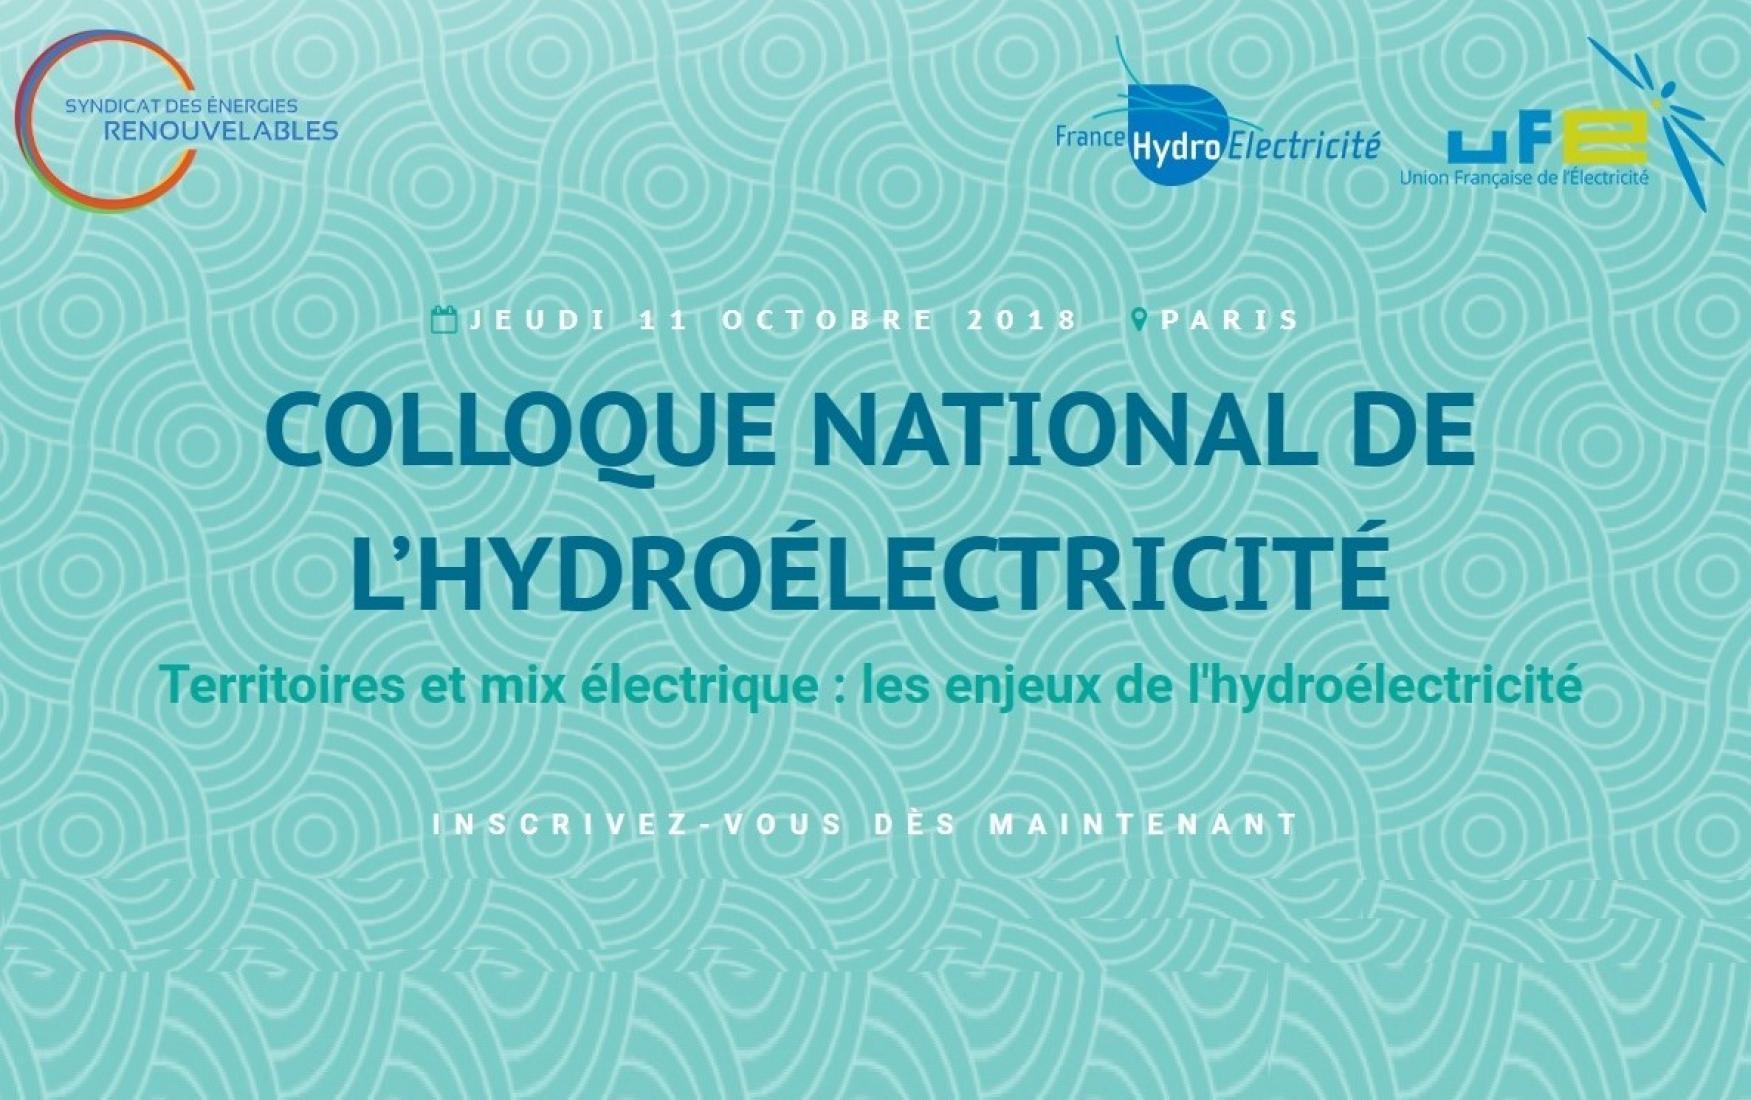 Colloque national de l'hydroélectricité - 11/10/2018